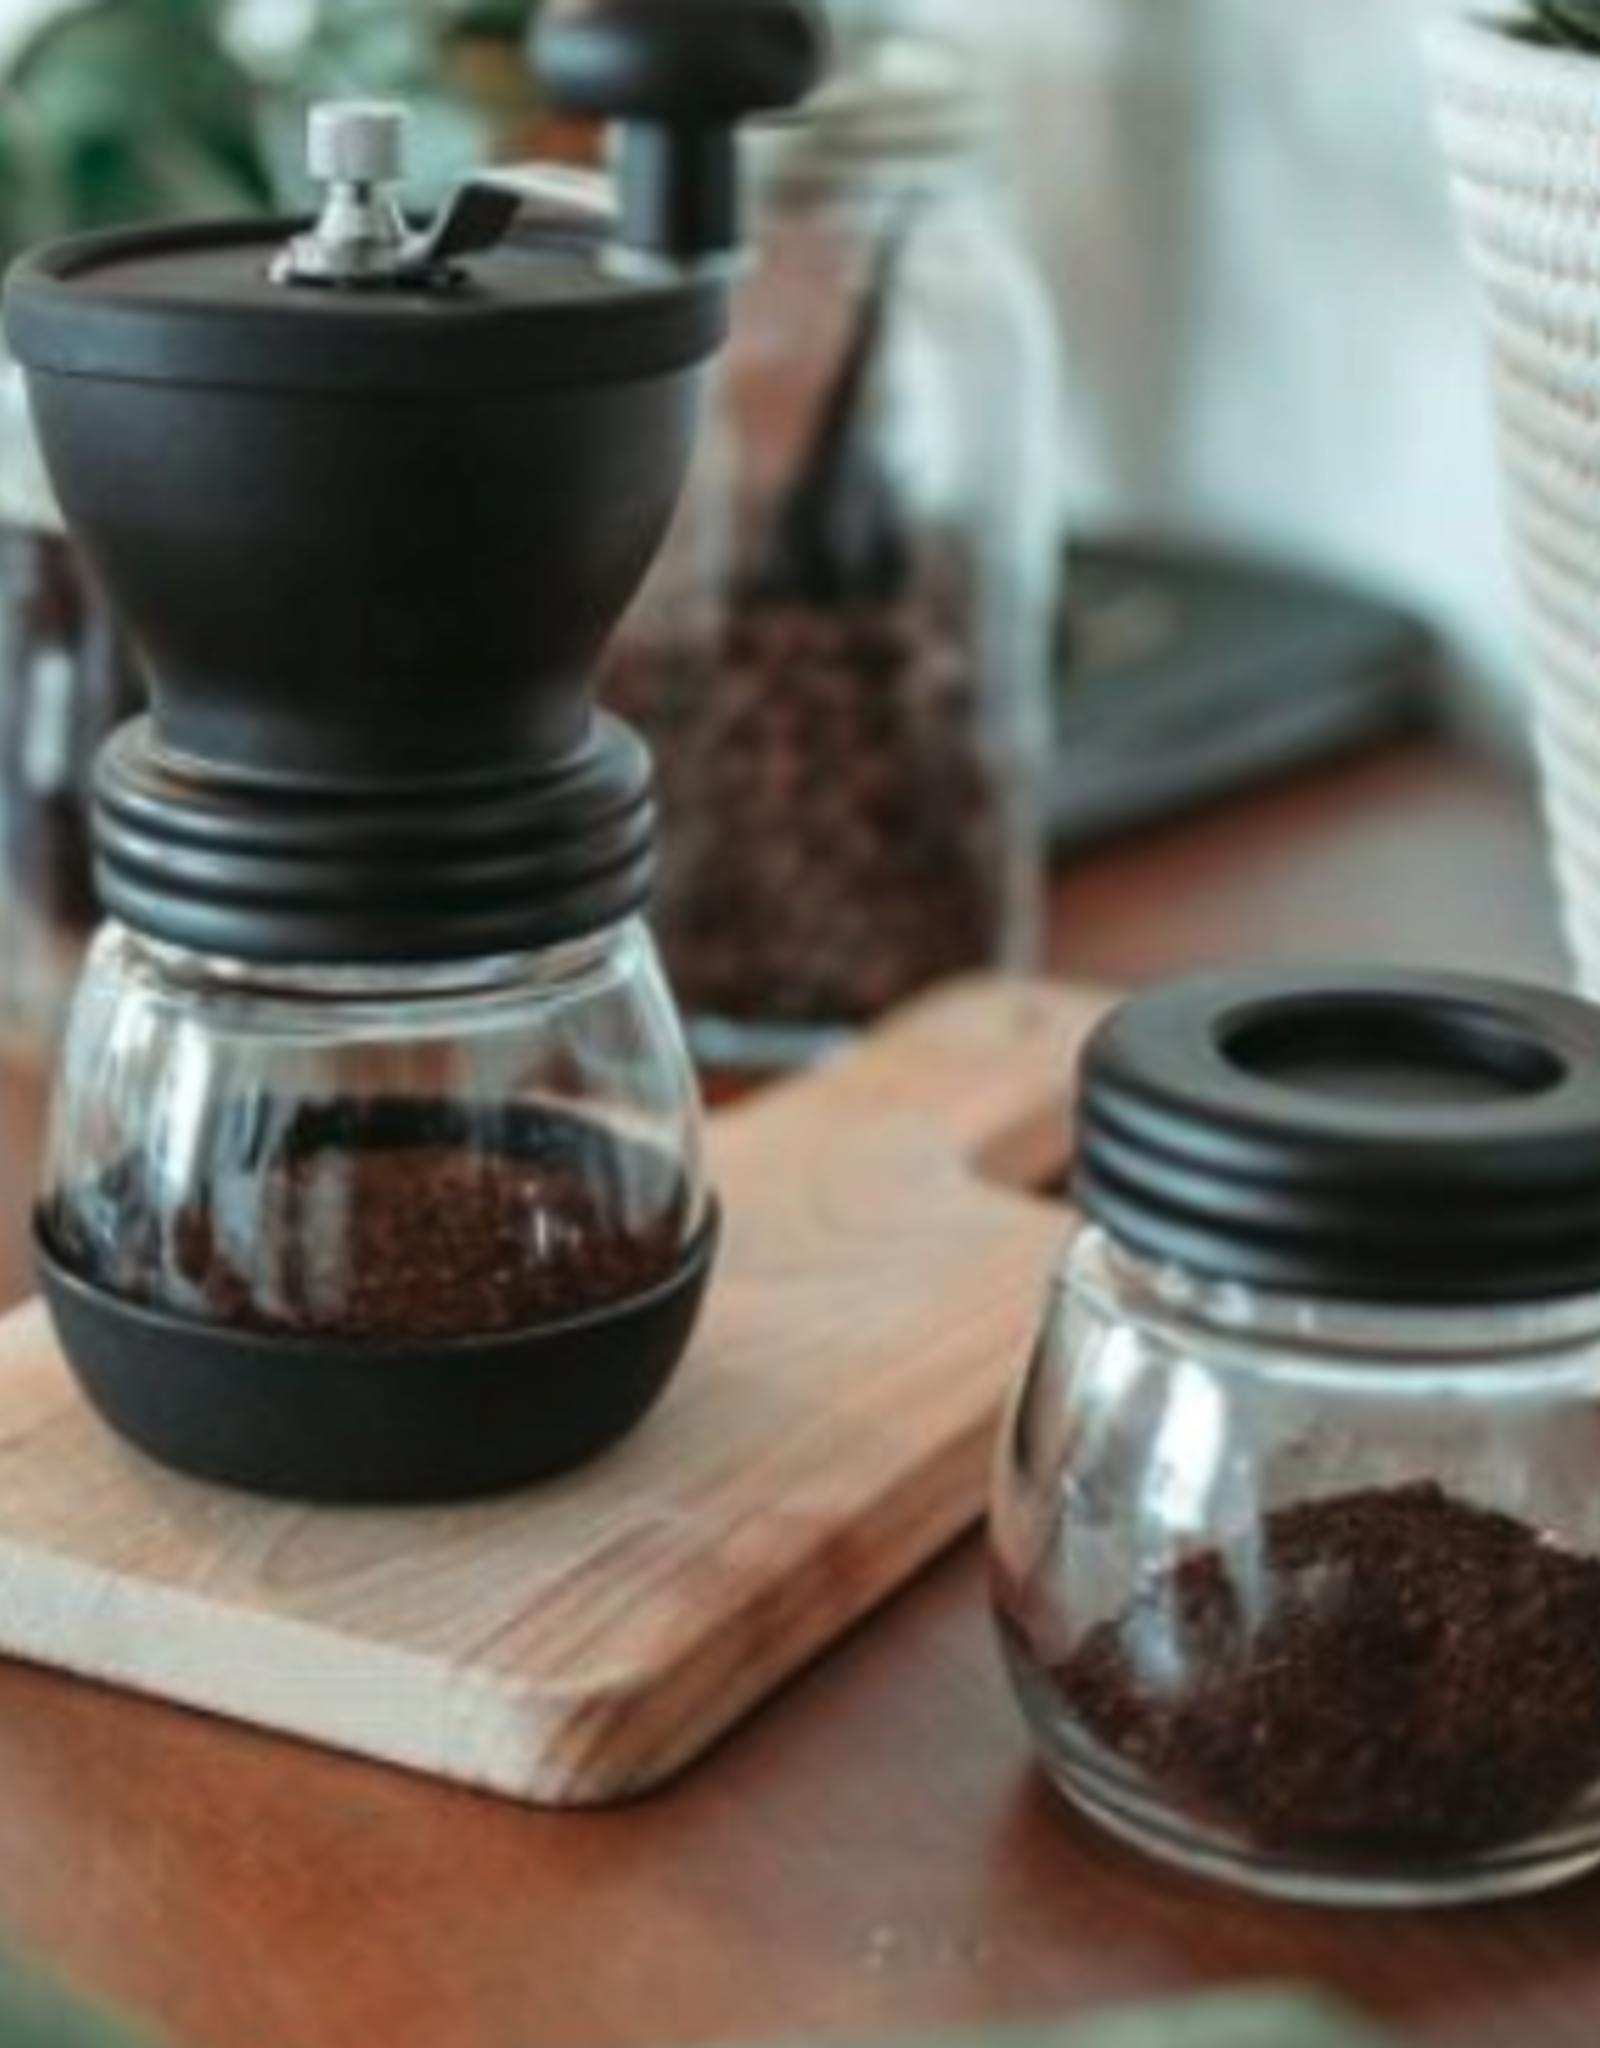 Black Bremen Manual Coffee Grinder with Storage Jar